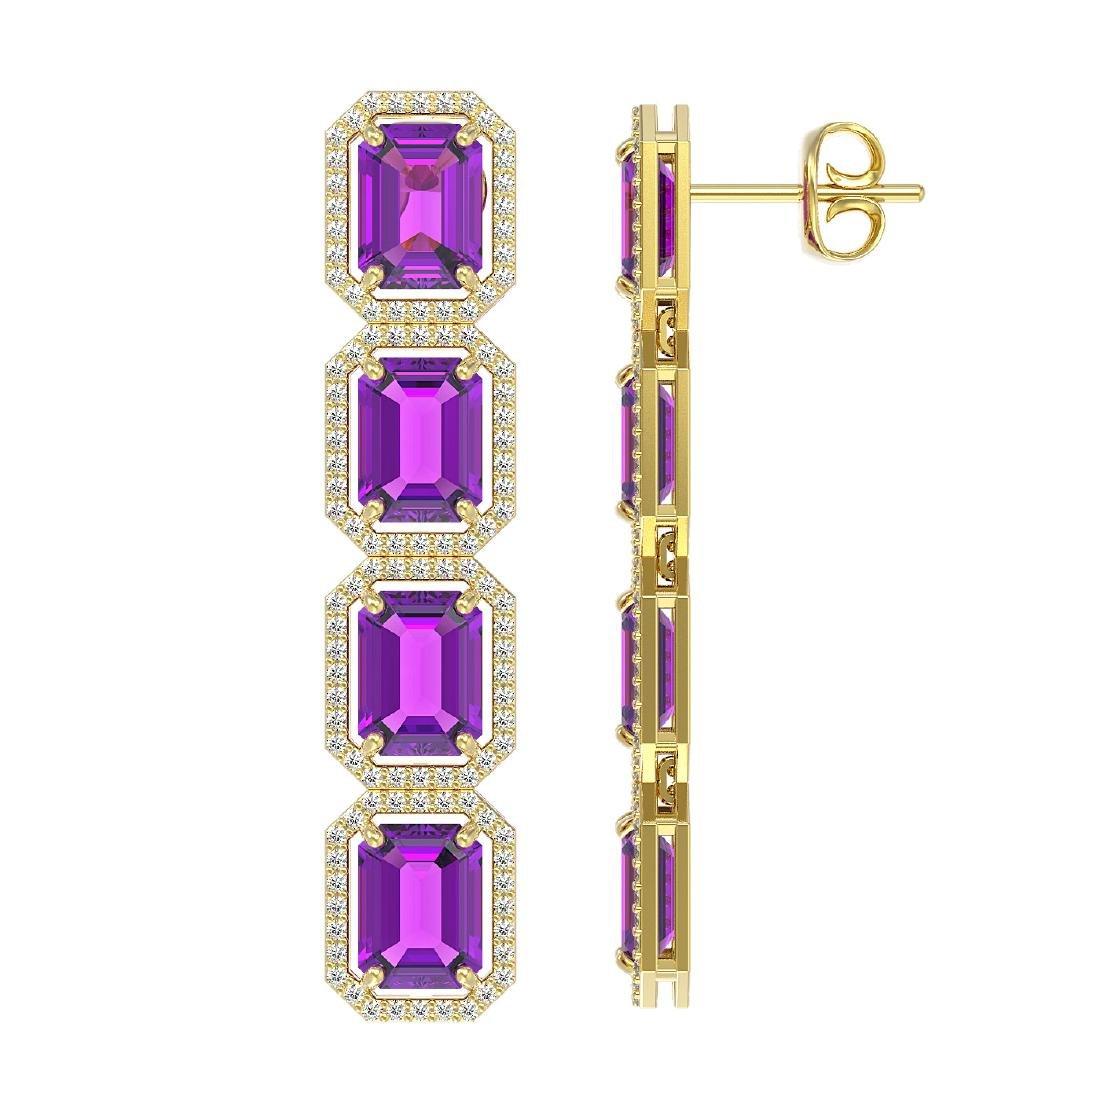 18.59 CTW Amethyst & Diamond Halo Earrings 10K Yellow - 2